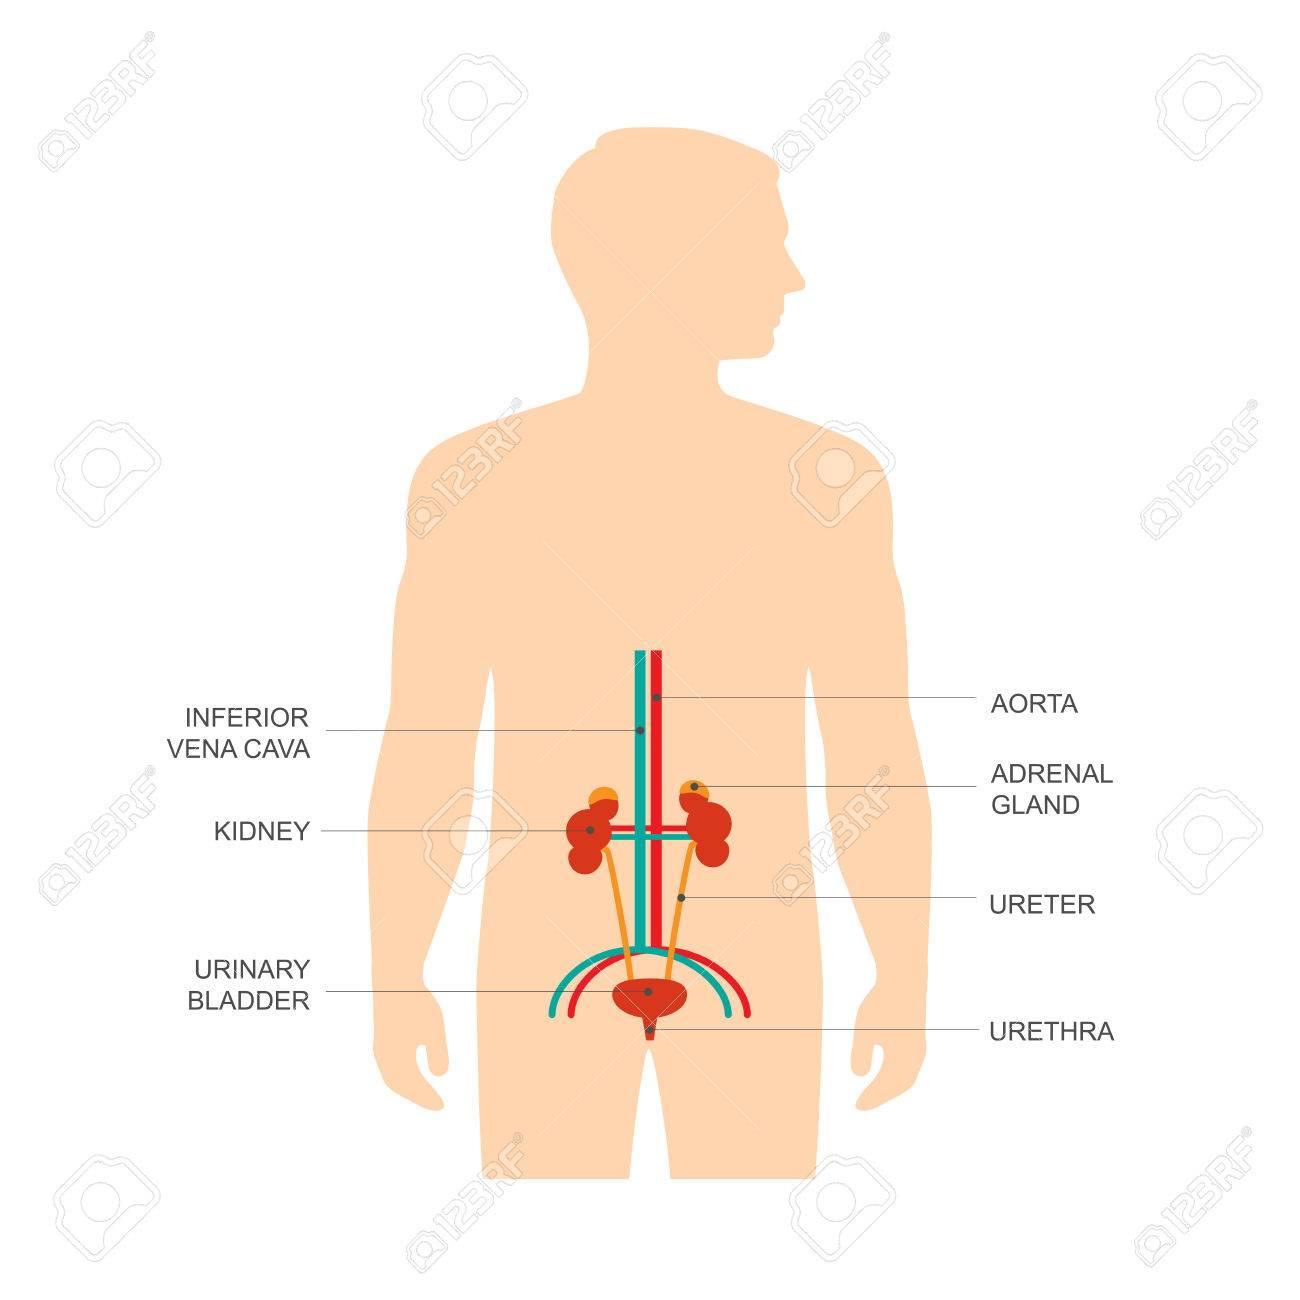 Anatomía Del Sistema Urinario Humano, Ilustración Vectorial Riñón ...